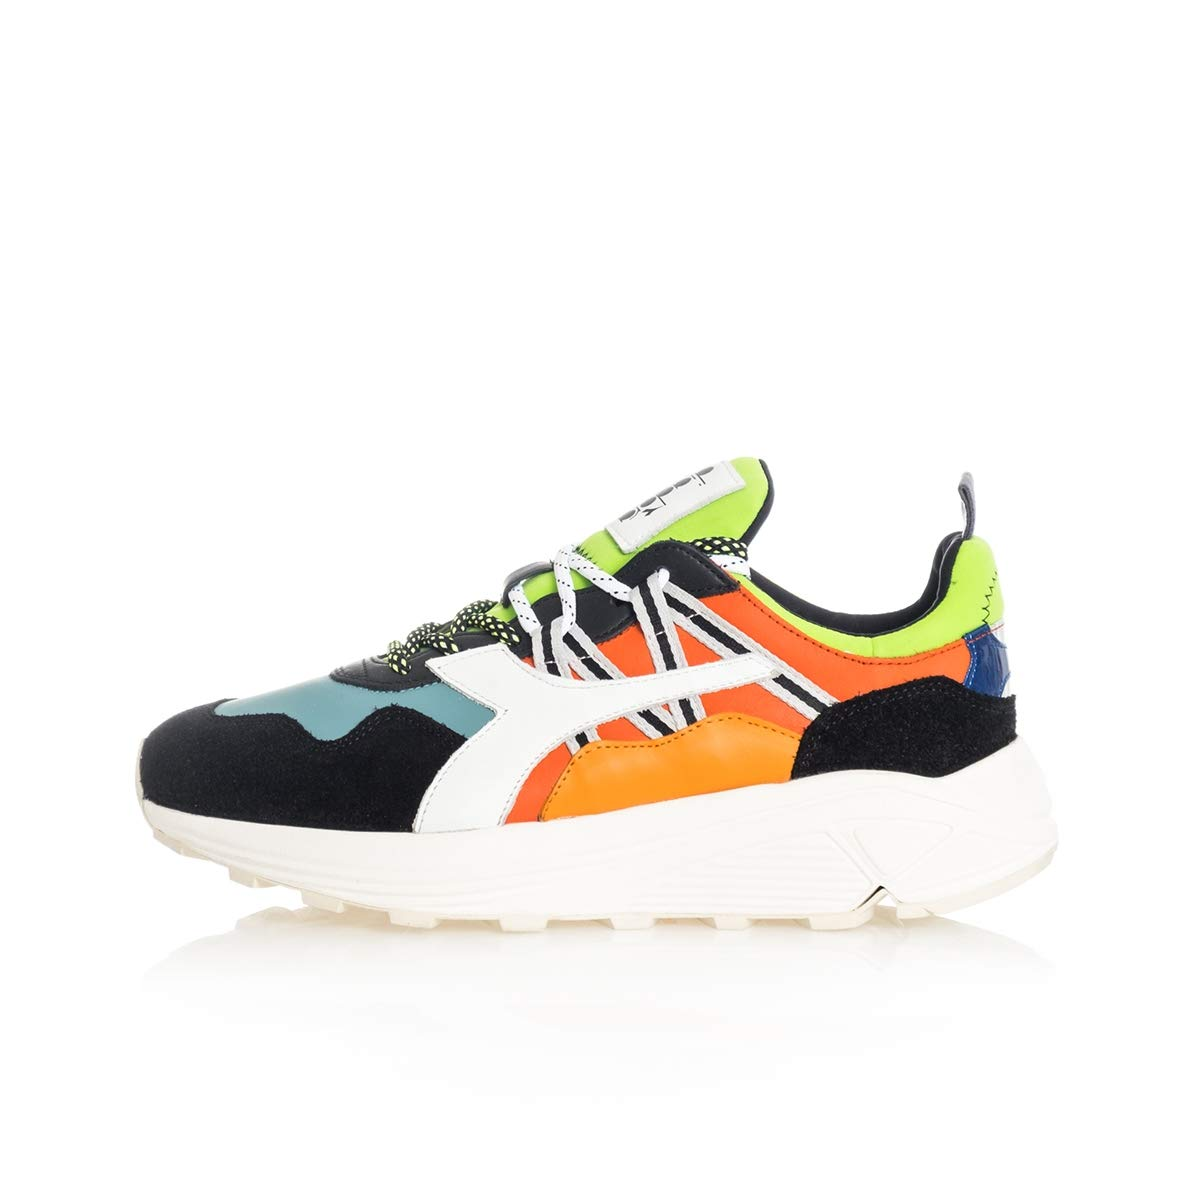 prezzo più basso Scoprire stili di moda diadora scarpe uomo